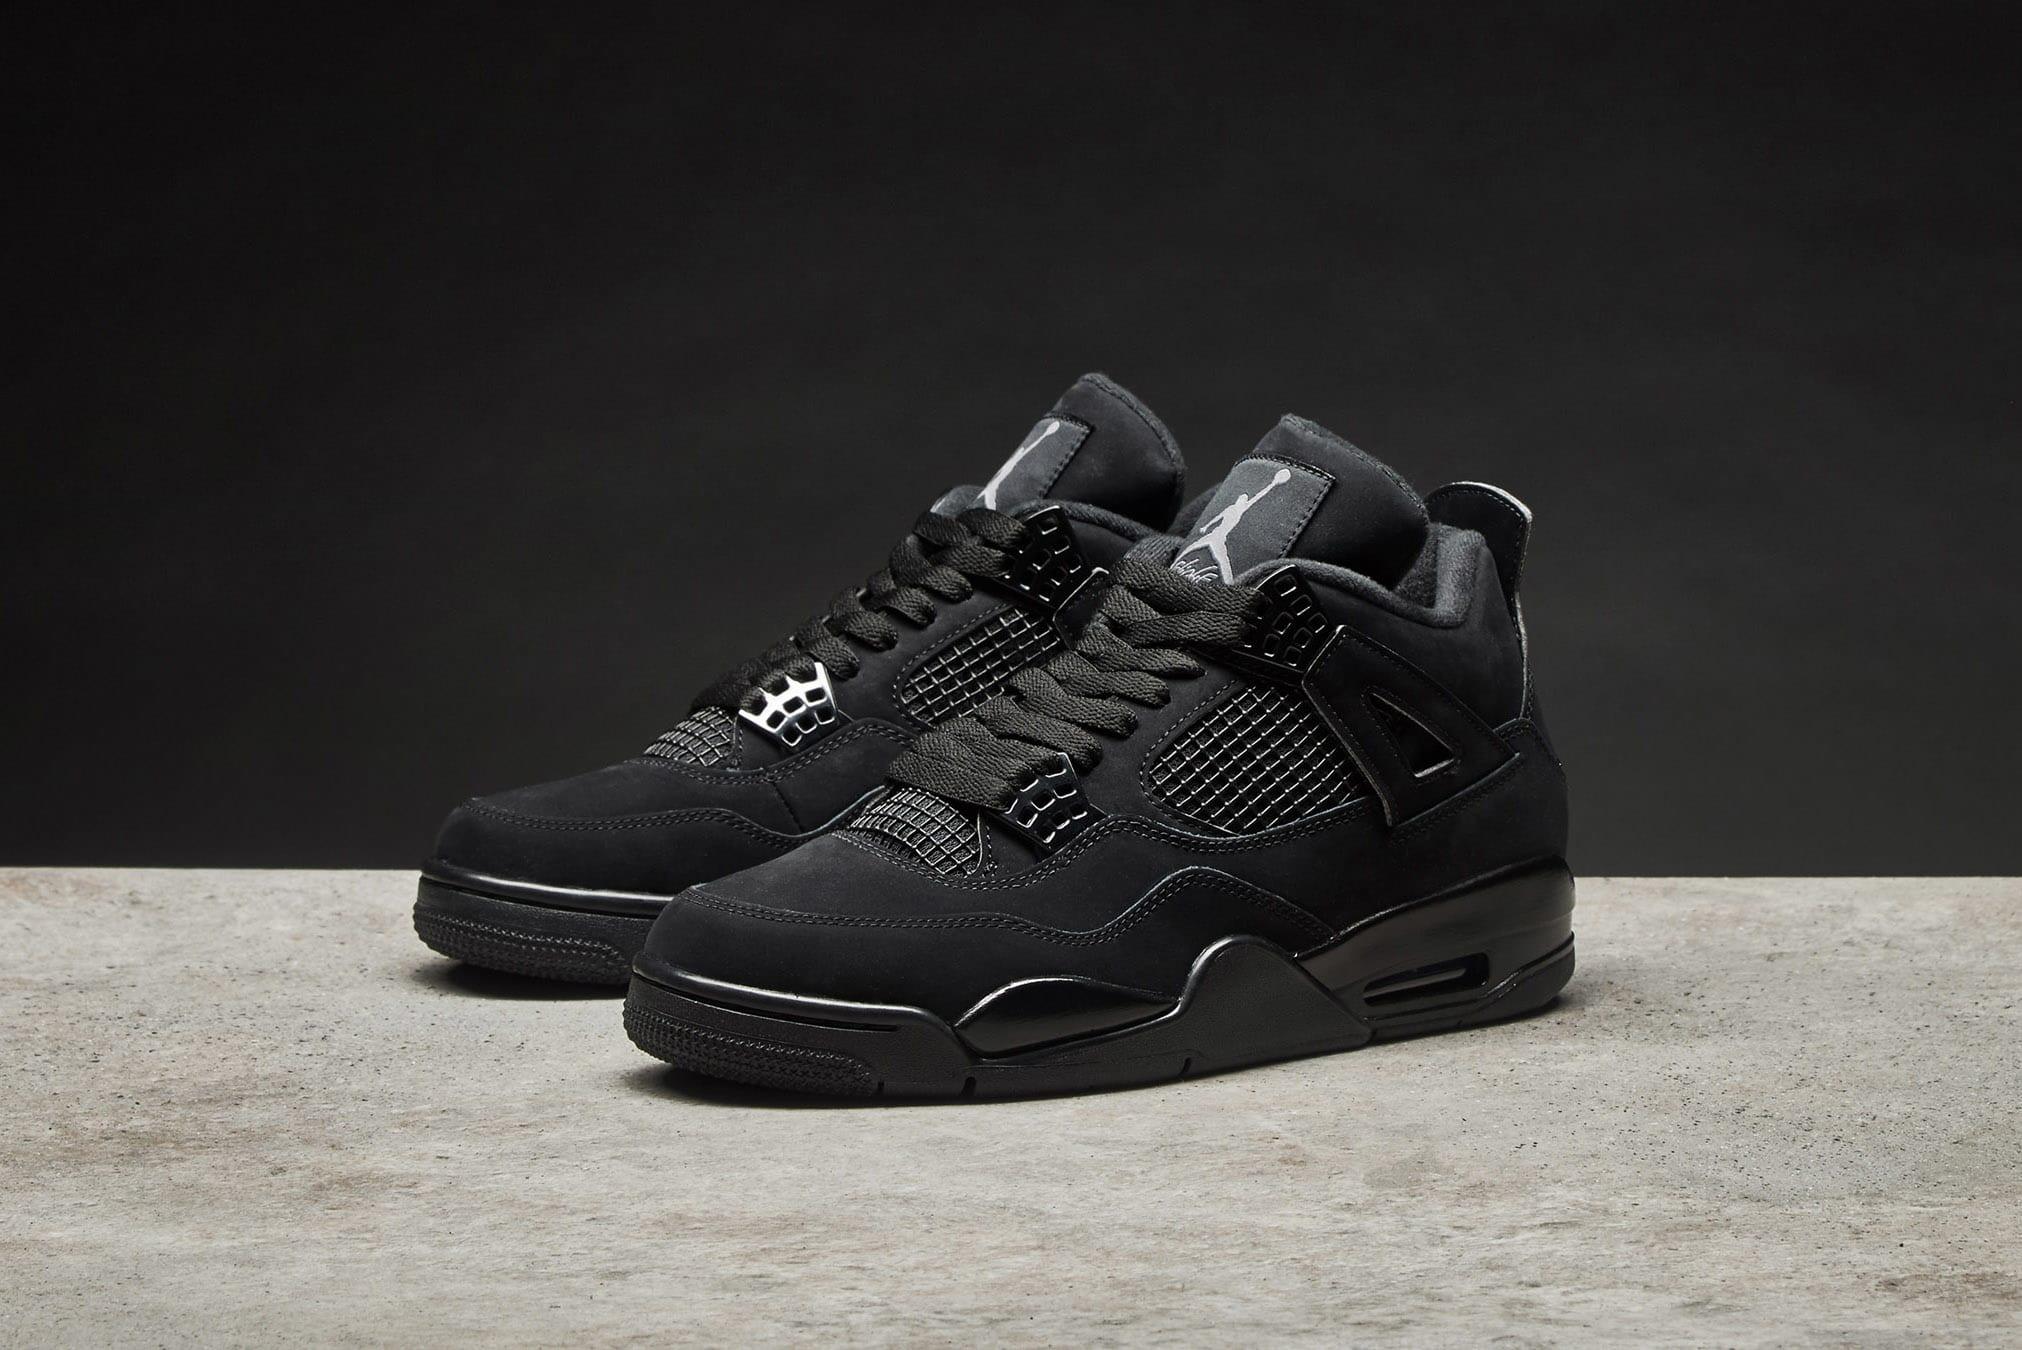 Air Jordan 4 'Black Cat' - Register